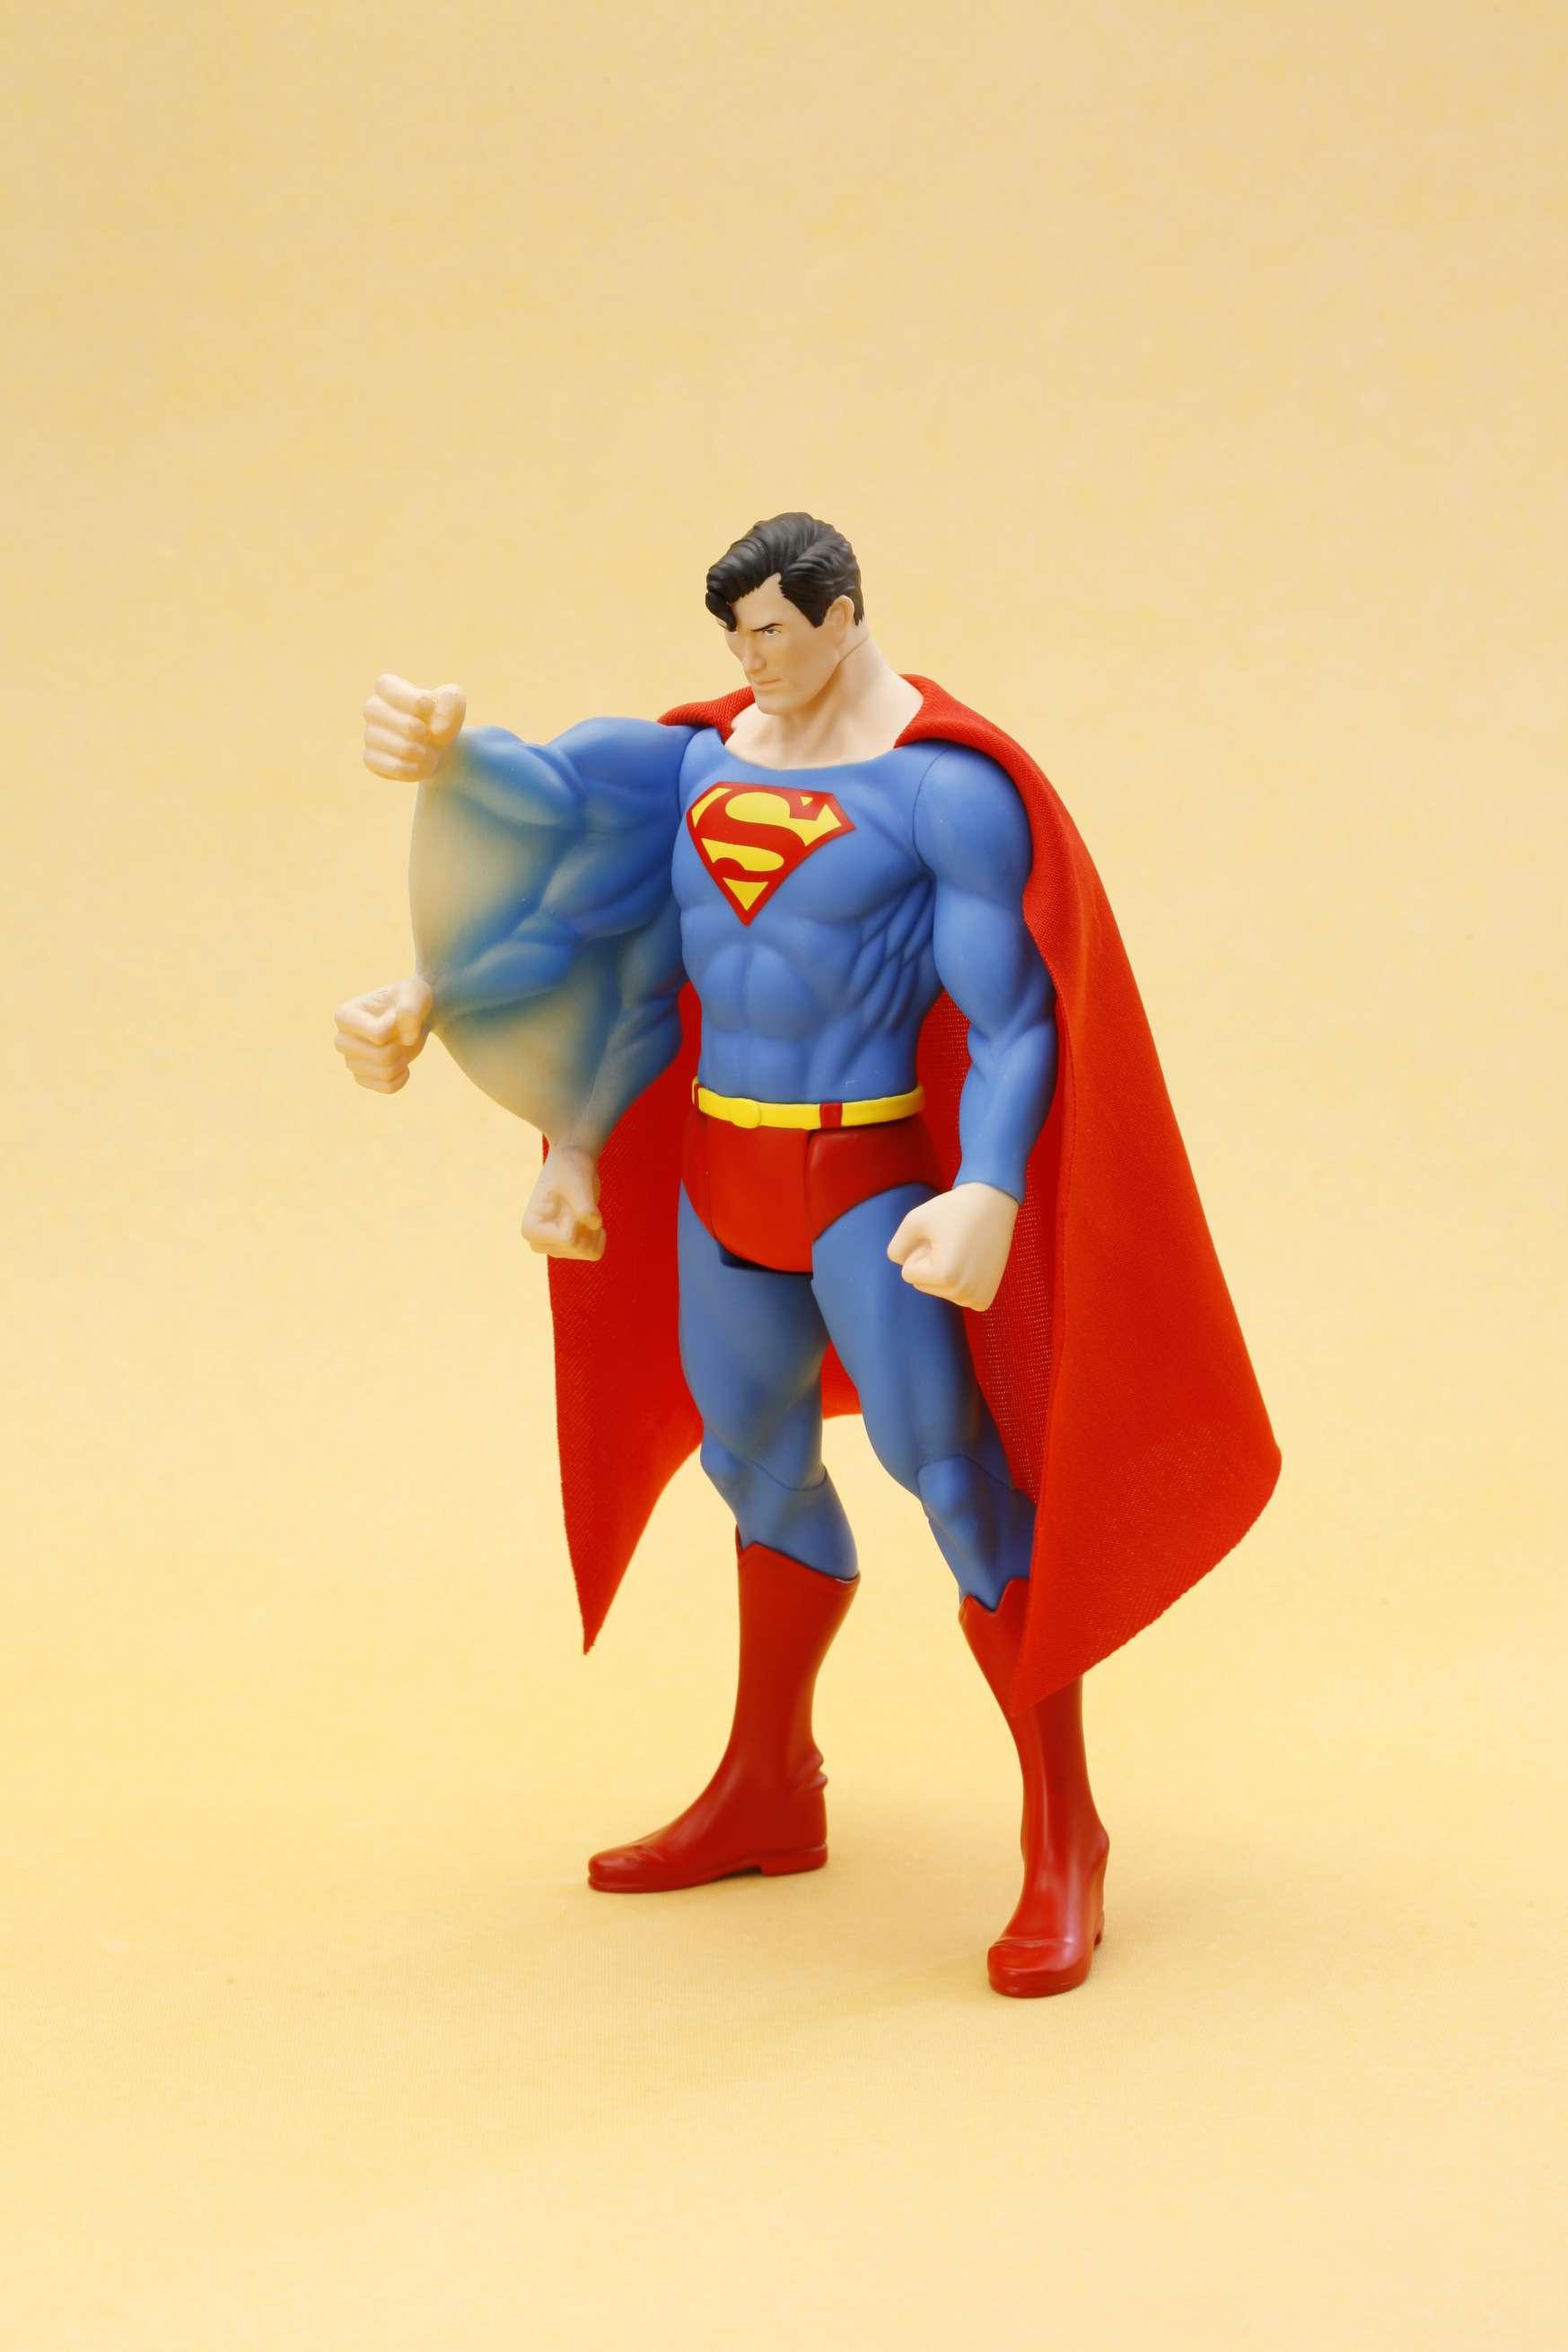 """動きそうで、動かない!アクションフィギュア""""風""""固定ポーズフィギュアの新シリーズ始動! 「ARTFX+ スーパーマン スーパーパワーズ クラシックス」7月発売"""